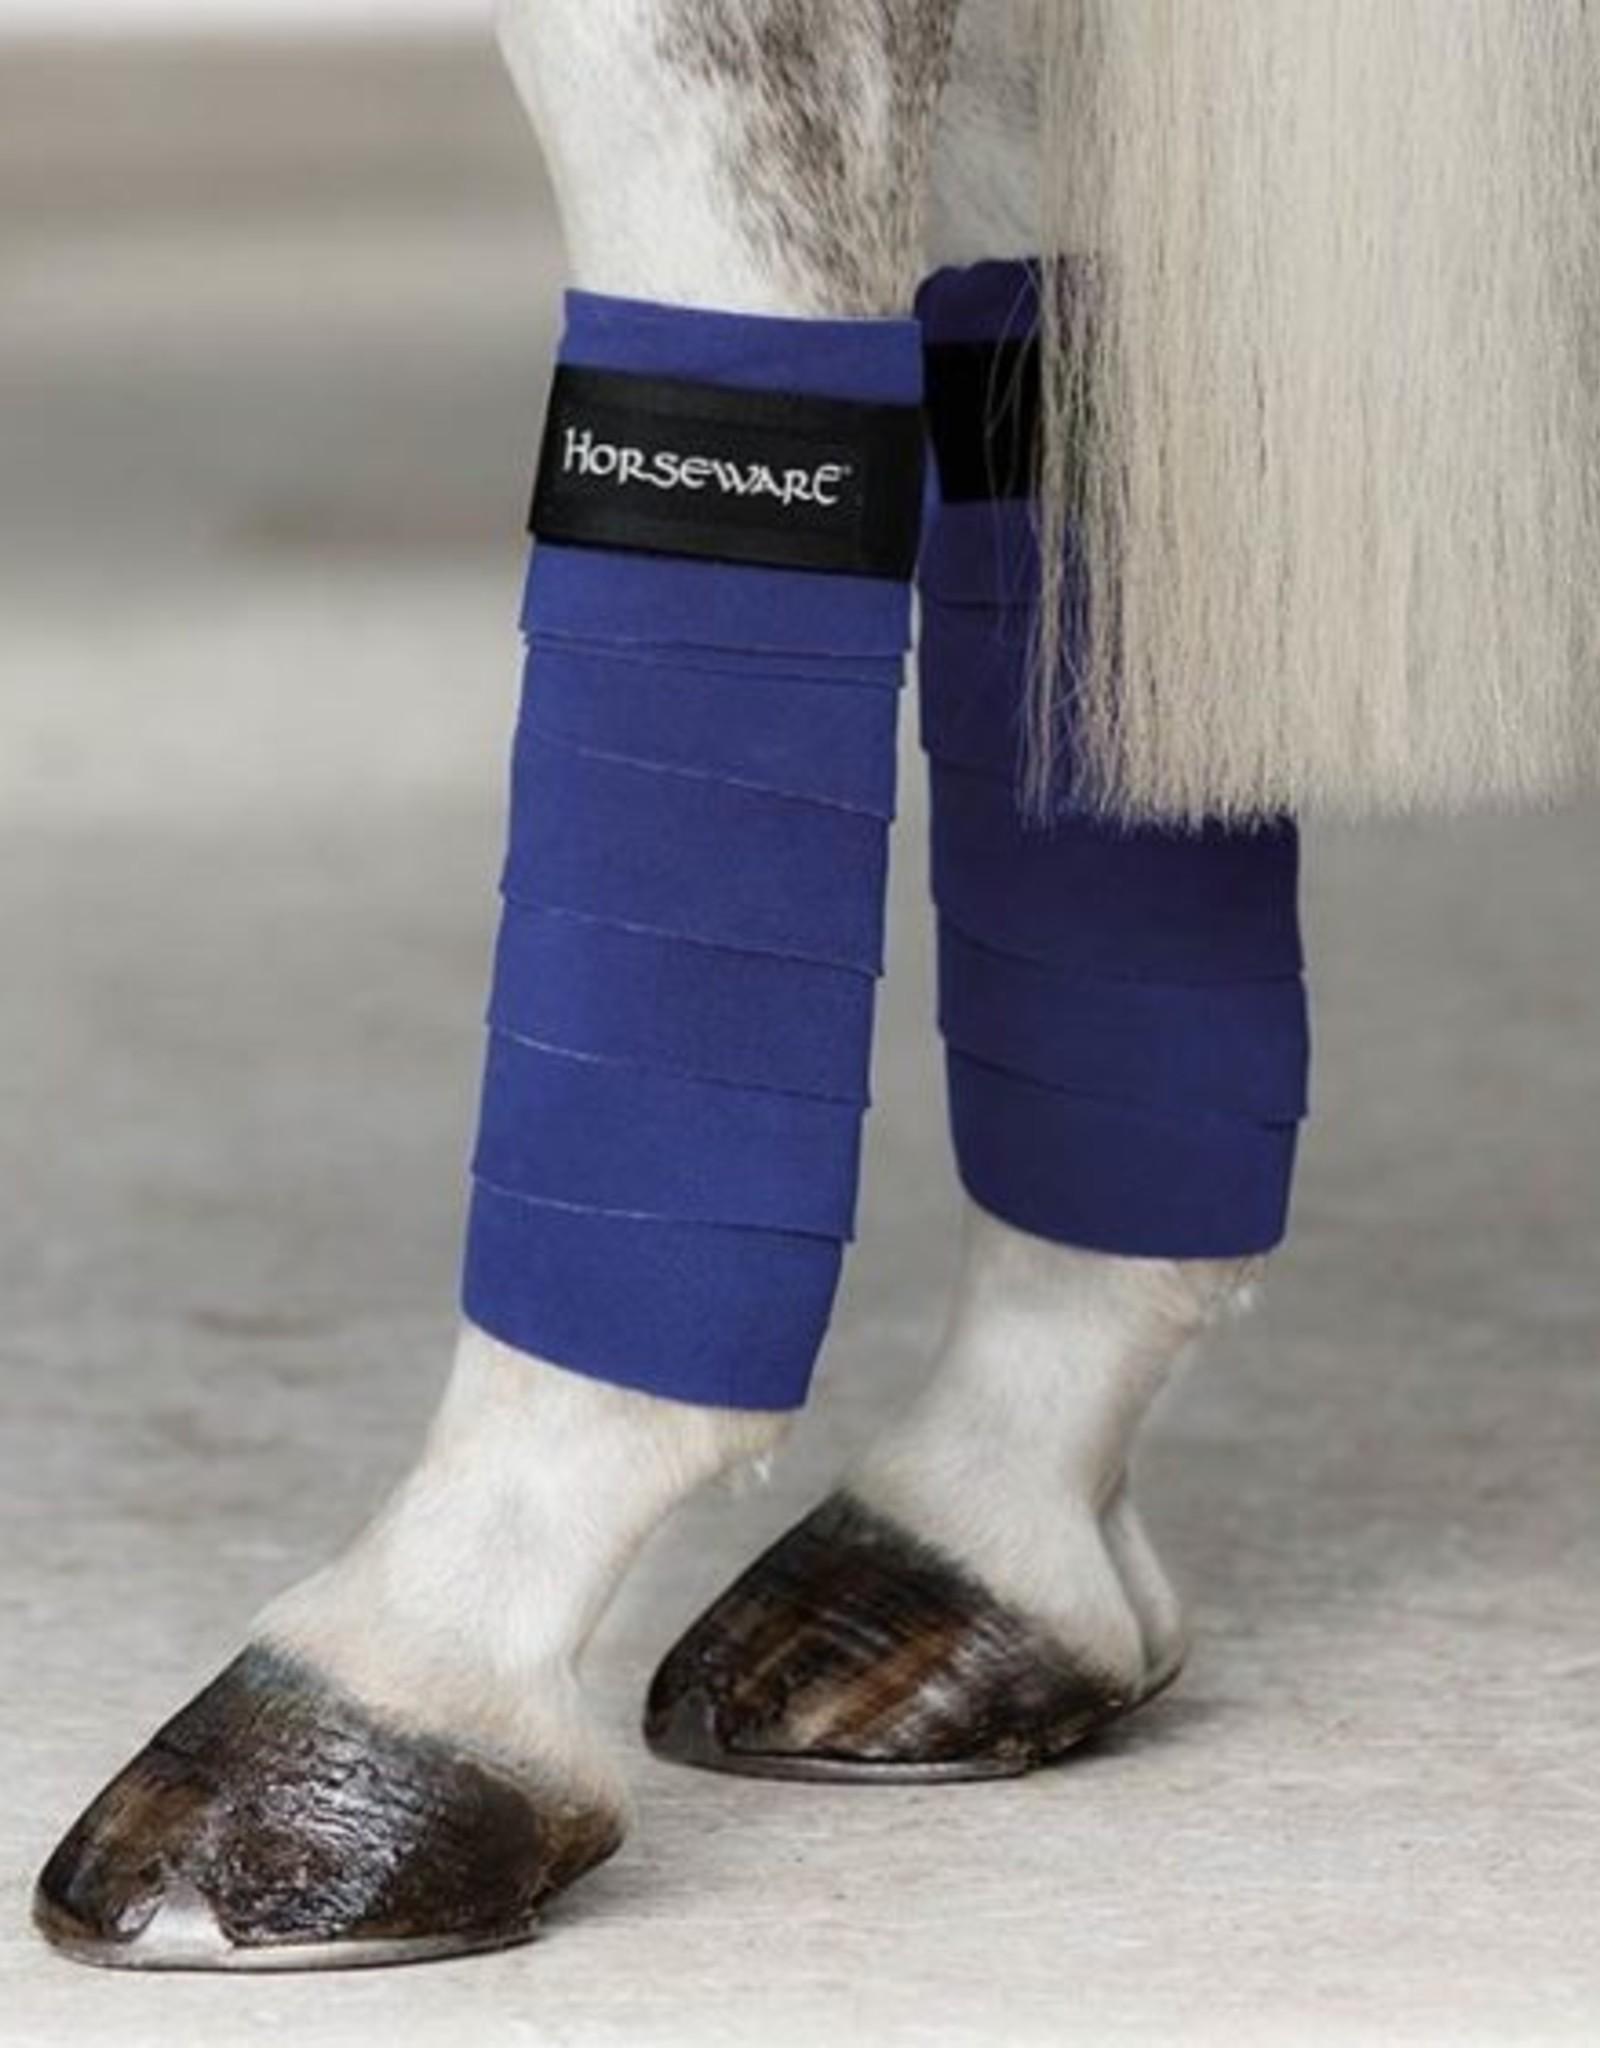 HORSEWARE IRELAND FASHION FLEECE BANDAGES 4PK